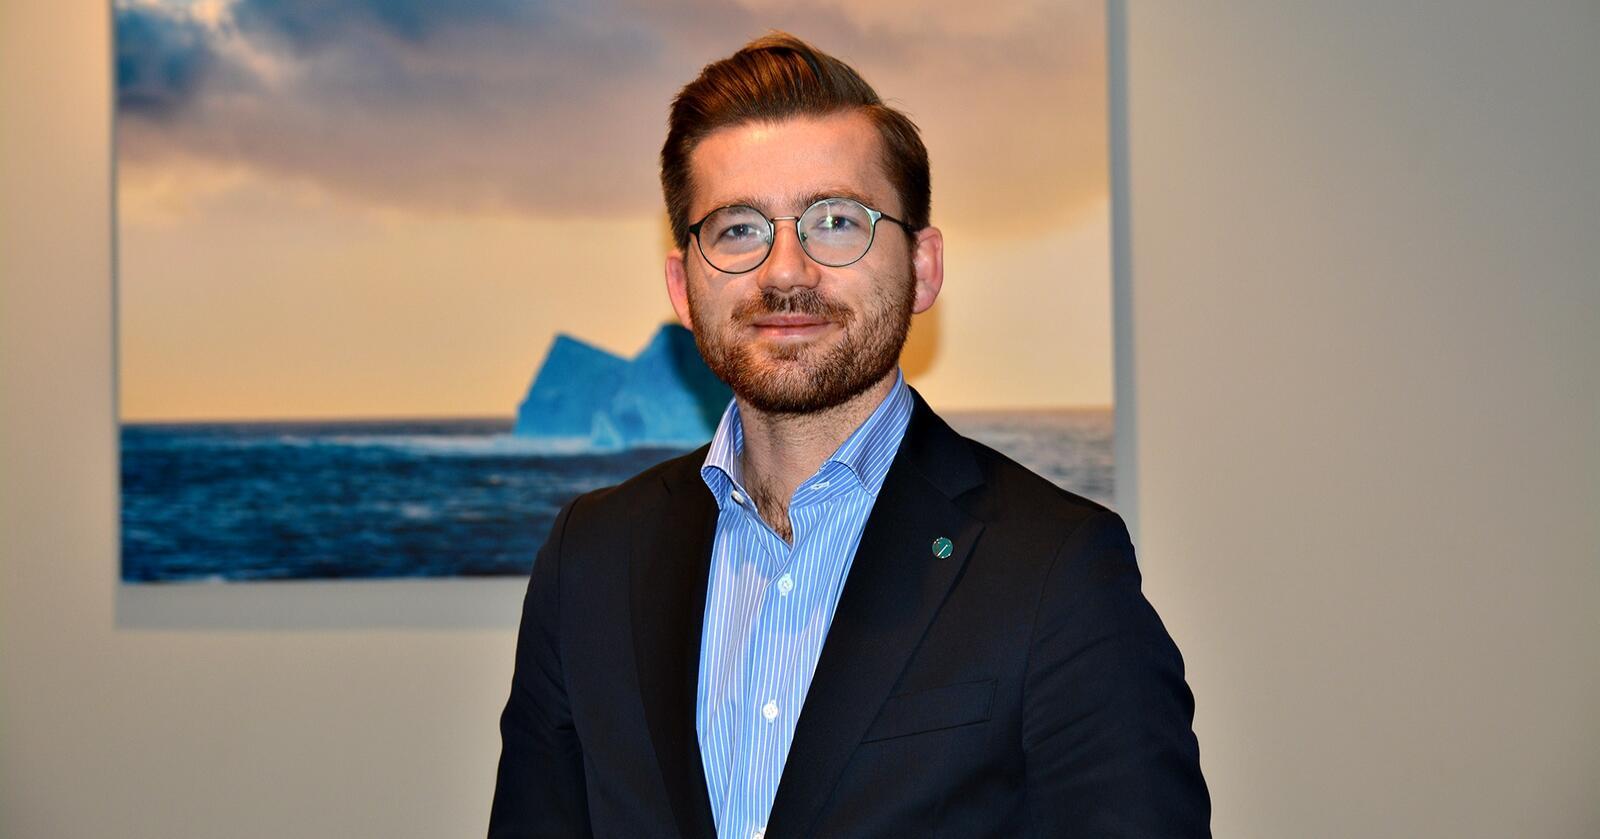 Kunnskapsgrunnlag: Klima- og miljøminister Sveinung Rotevatn (V) mener det blant annet er behov for mer kunnskap om kongeørnens rolle som skadegjører. (Foto: Anders Sandbu)